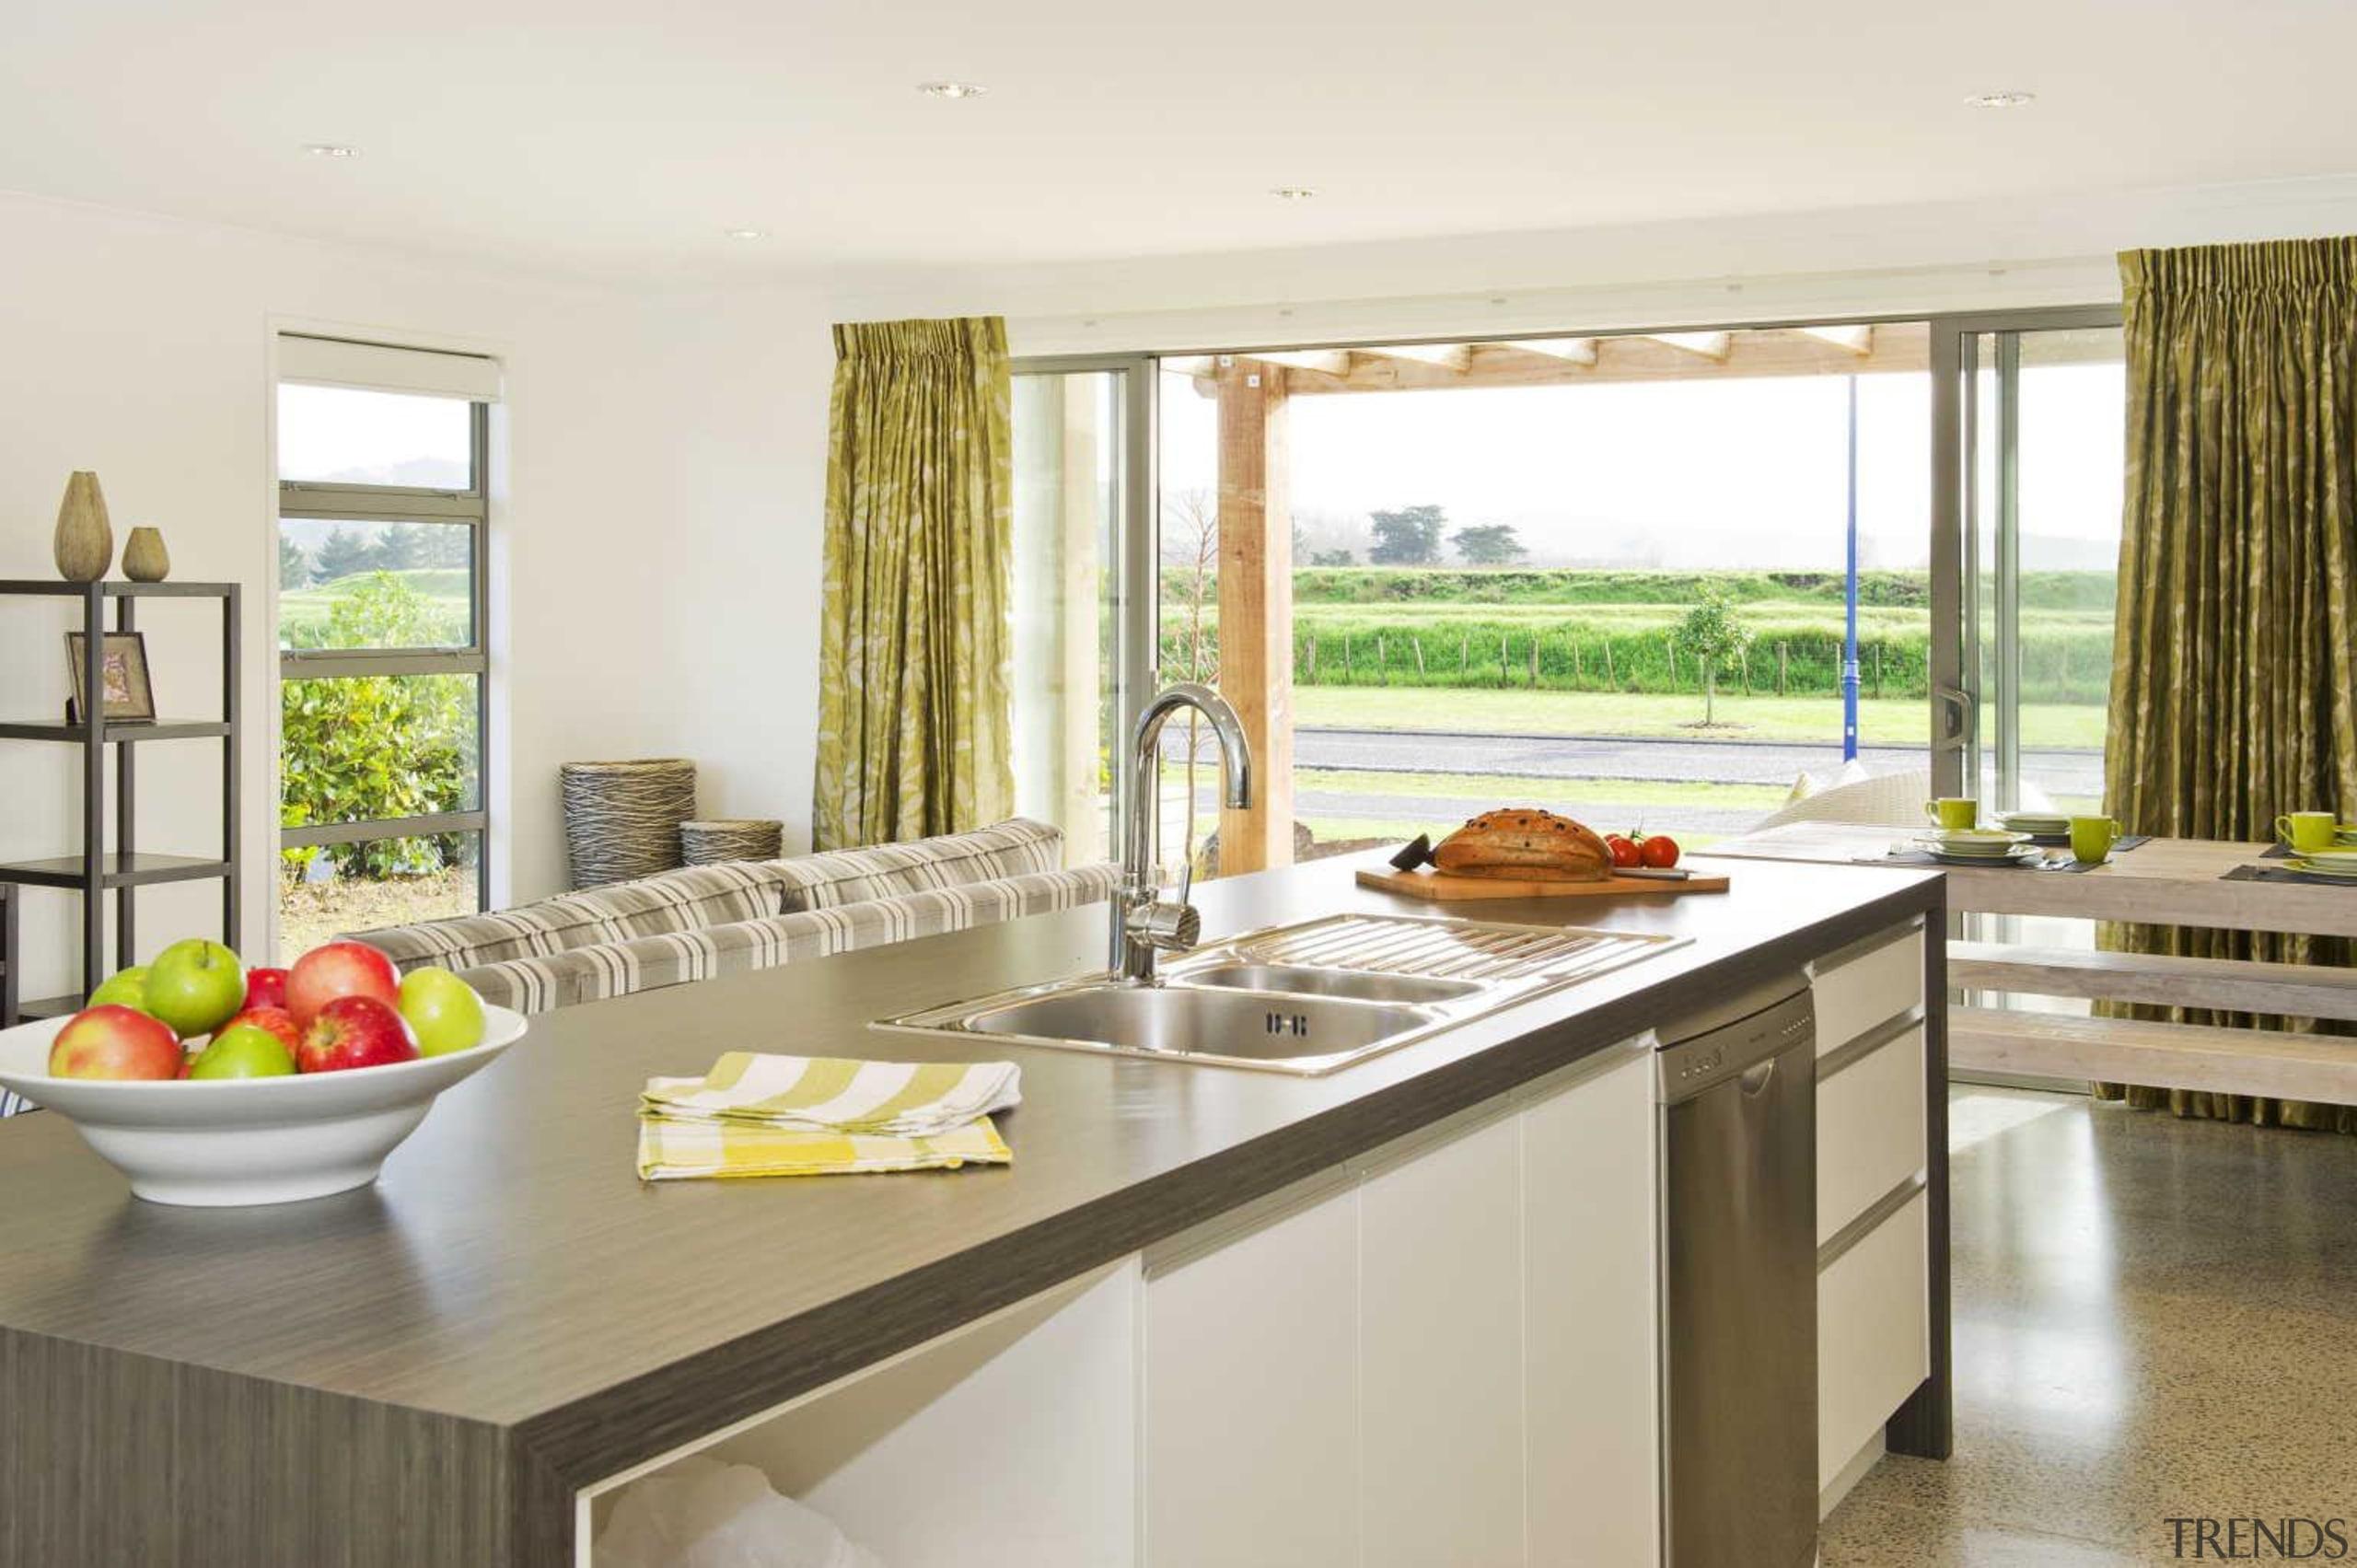 Kitchen - countertop | interior design | kitchen countertop, interior design, kitchen, property, real estate, window, white